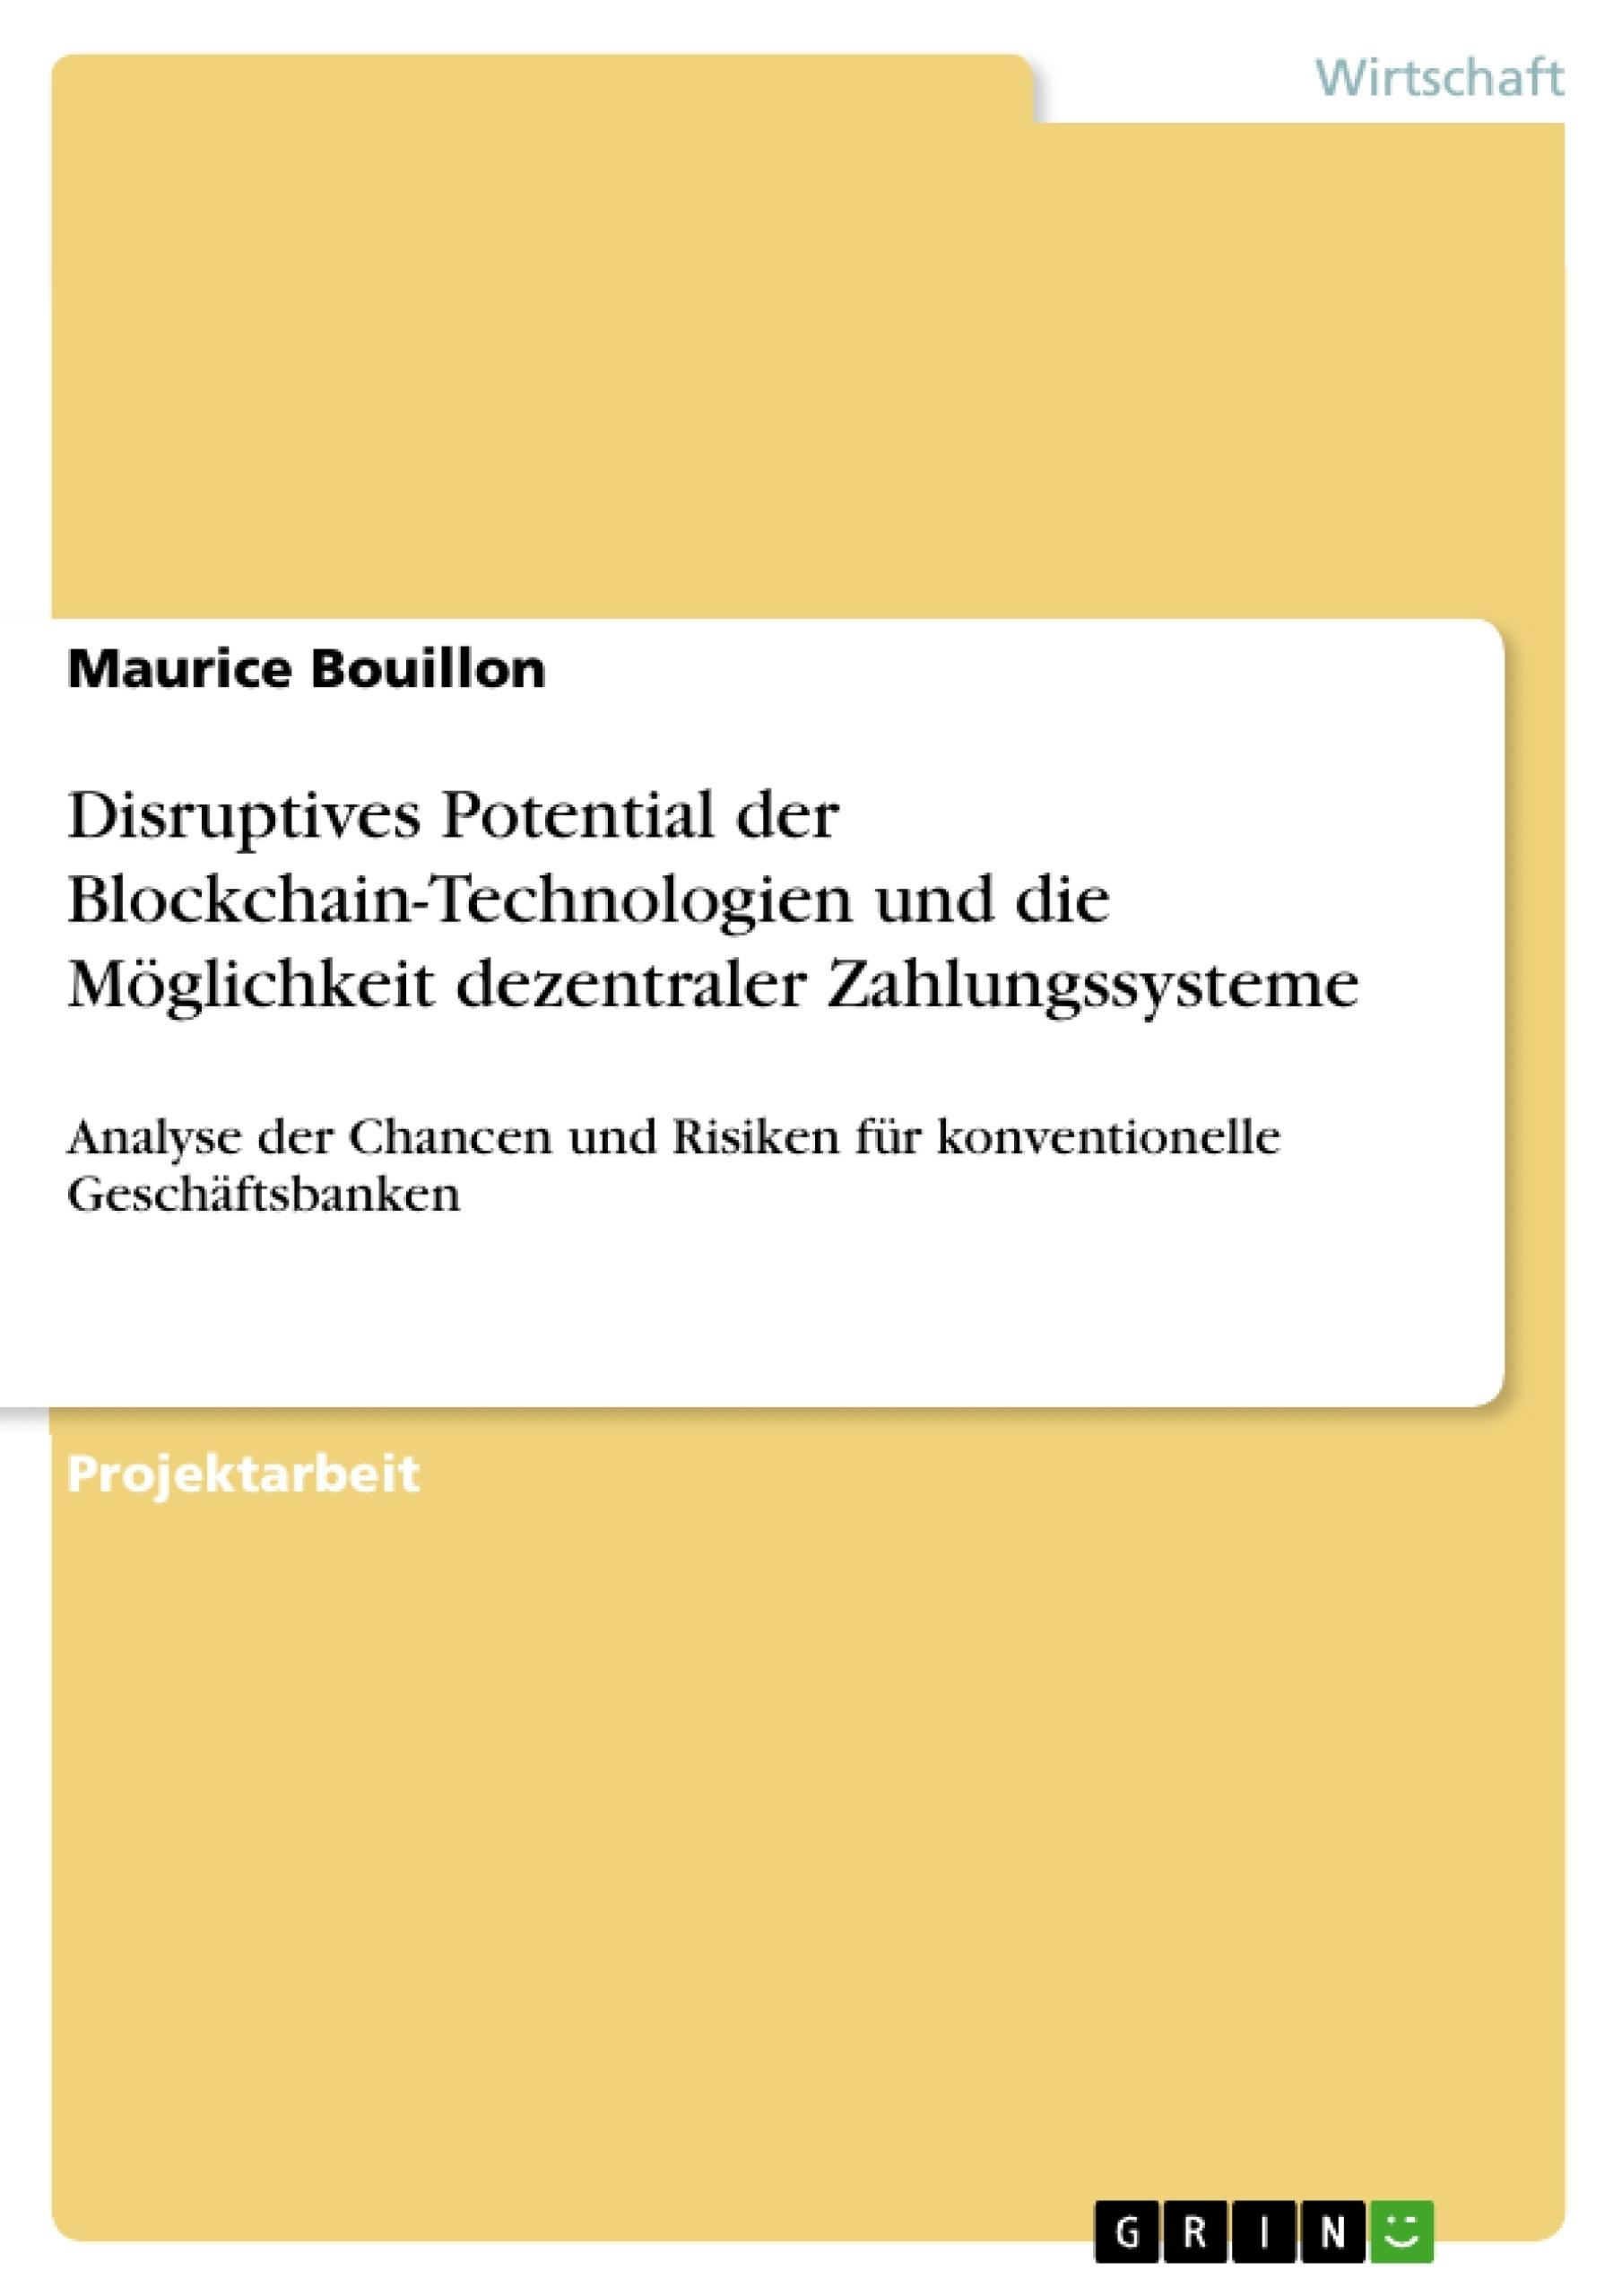 Titel: Disruptives Potential der Blockchain-Technologien und die Möglichkeit dezentraler Zahlungssysteme